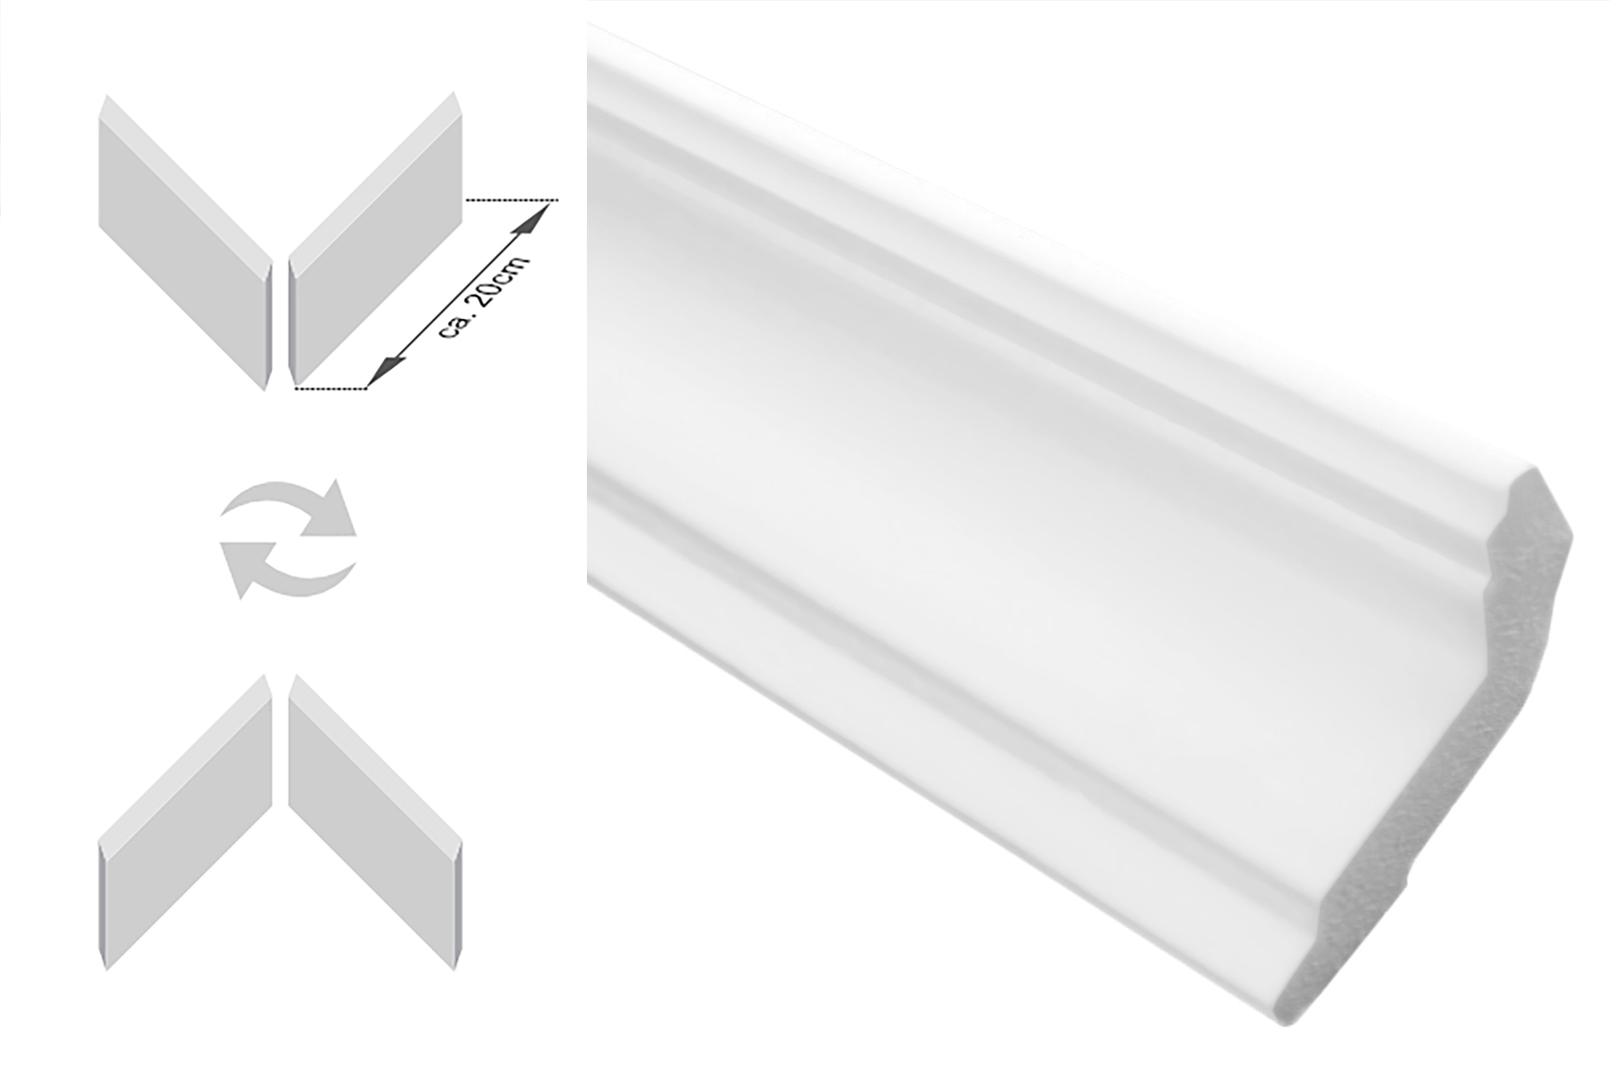 XPS dekorativ 72 x 72 mm leicht und stabil extrudiertes Styropor Stuckprofile 10 Meter Zierleisten Sparpaket E-8 Decken-// und Wand/übergang modern wei/ß